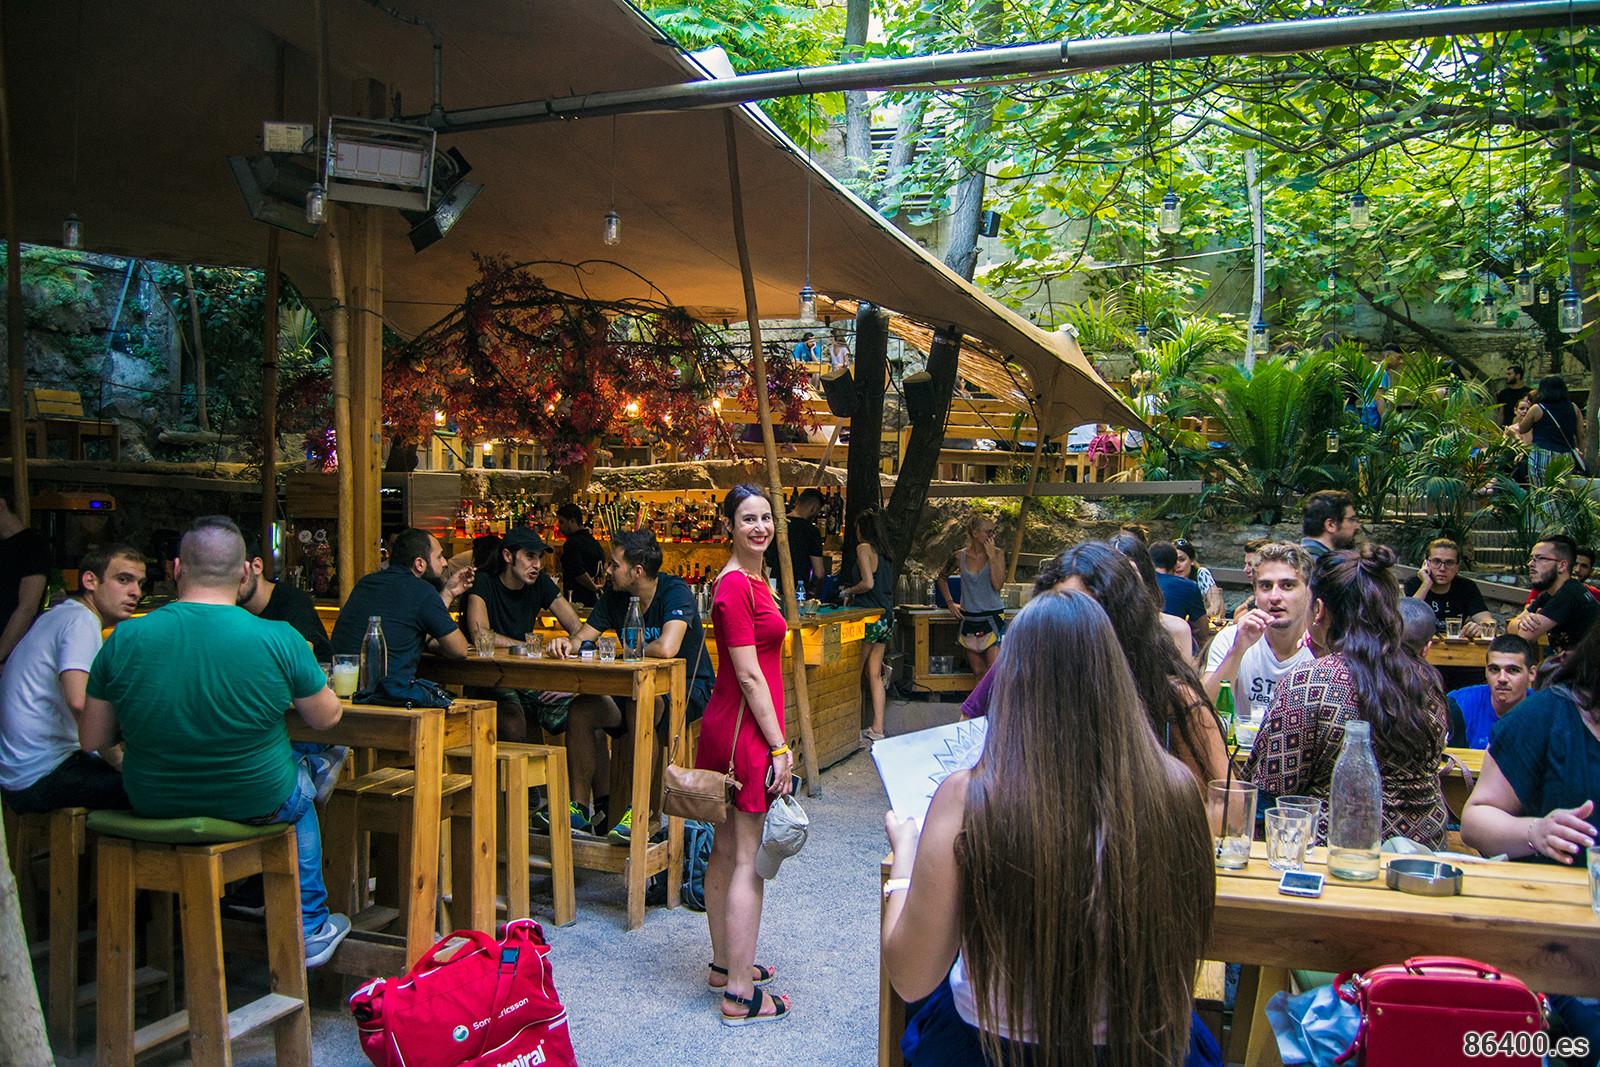 Espectacular lugar para disfrutar de un cóctel - Atenas turismo